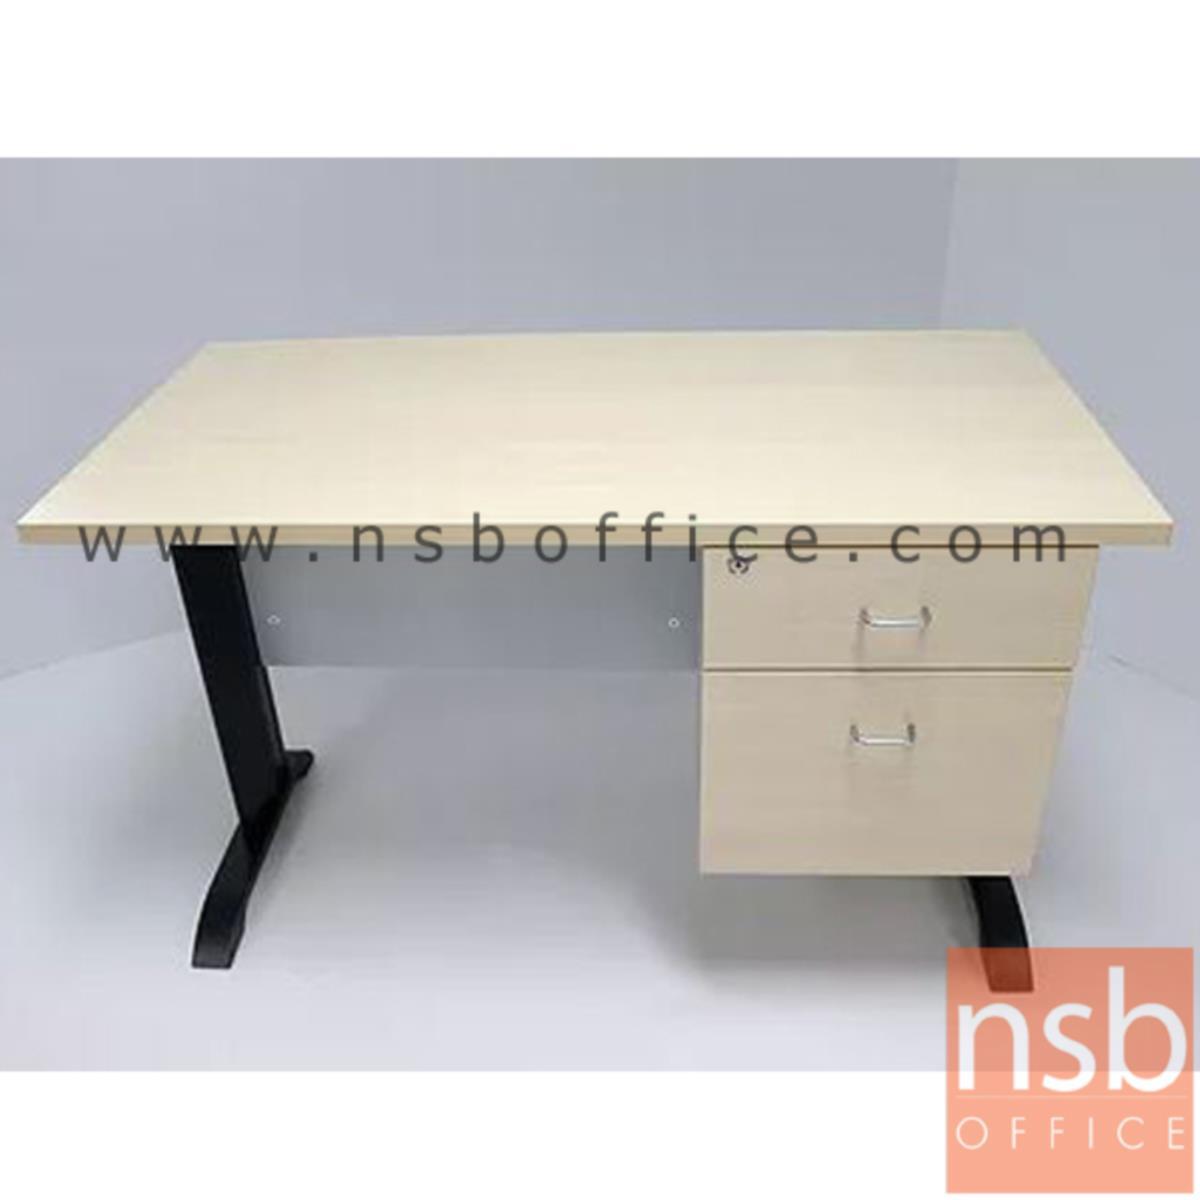 โต๊ะทำงาน 2 ลิ้นชัก รุ่น Sutton (ซัตตัน) 120W, 135W, 150W, 180W (60D) cm. ขาเหล็กตัวแอล